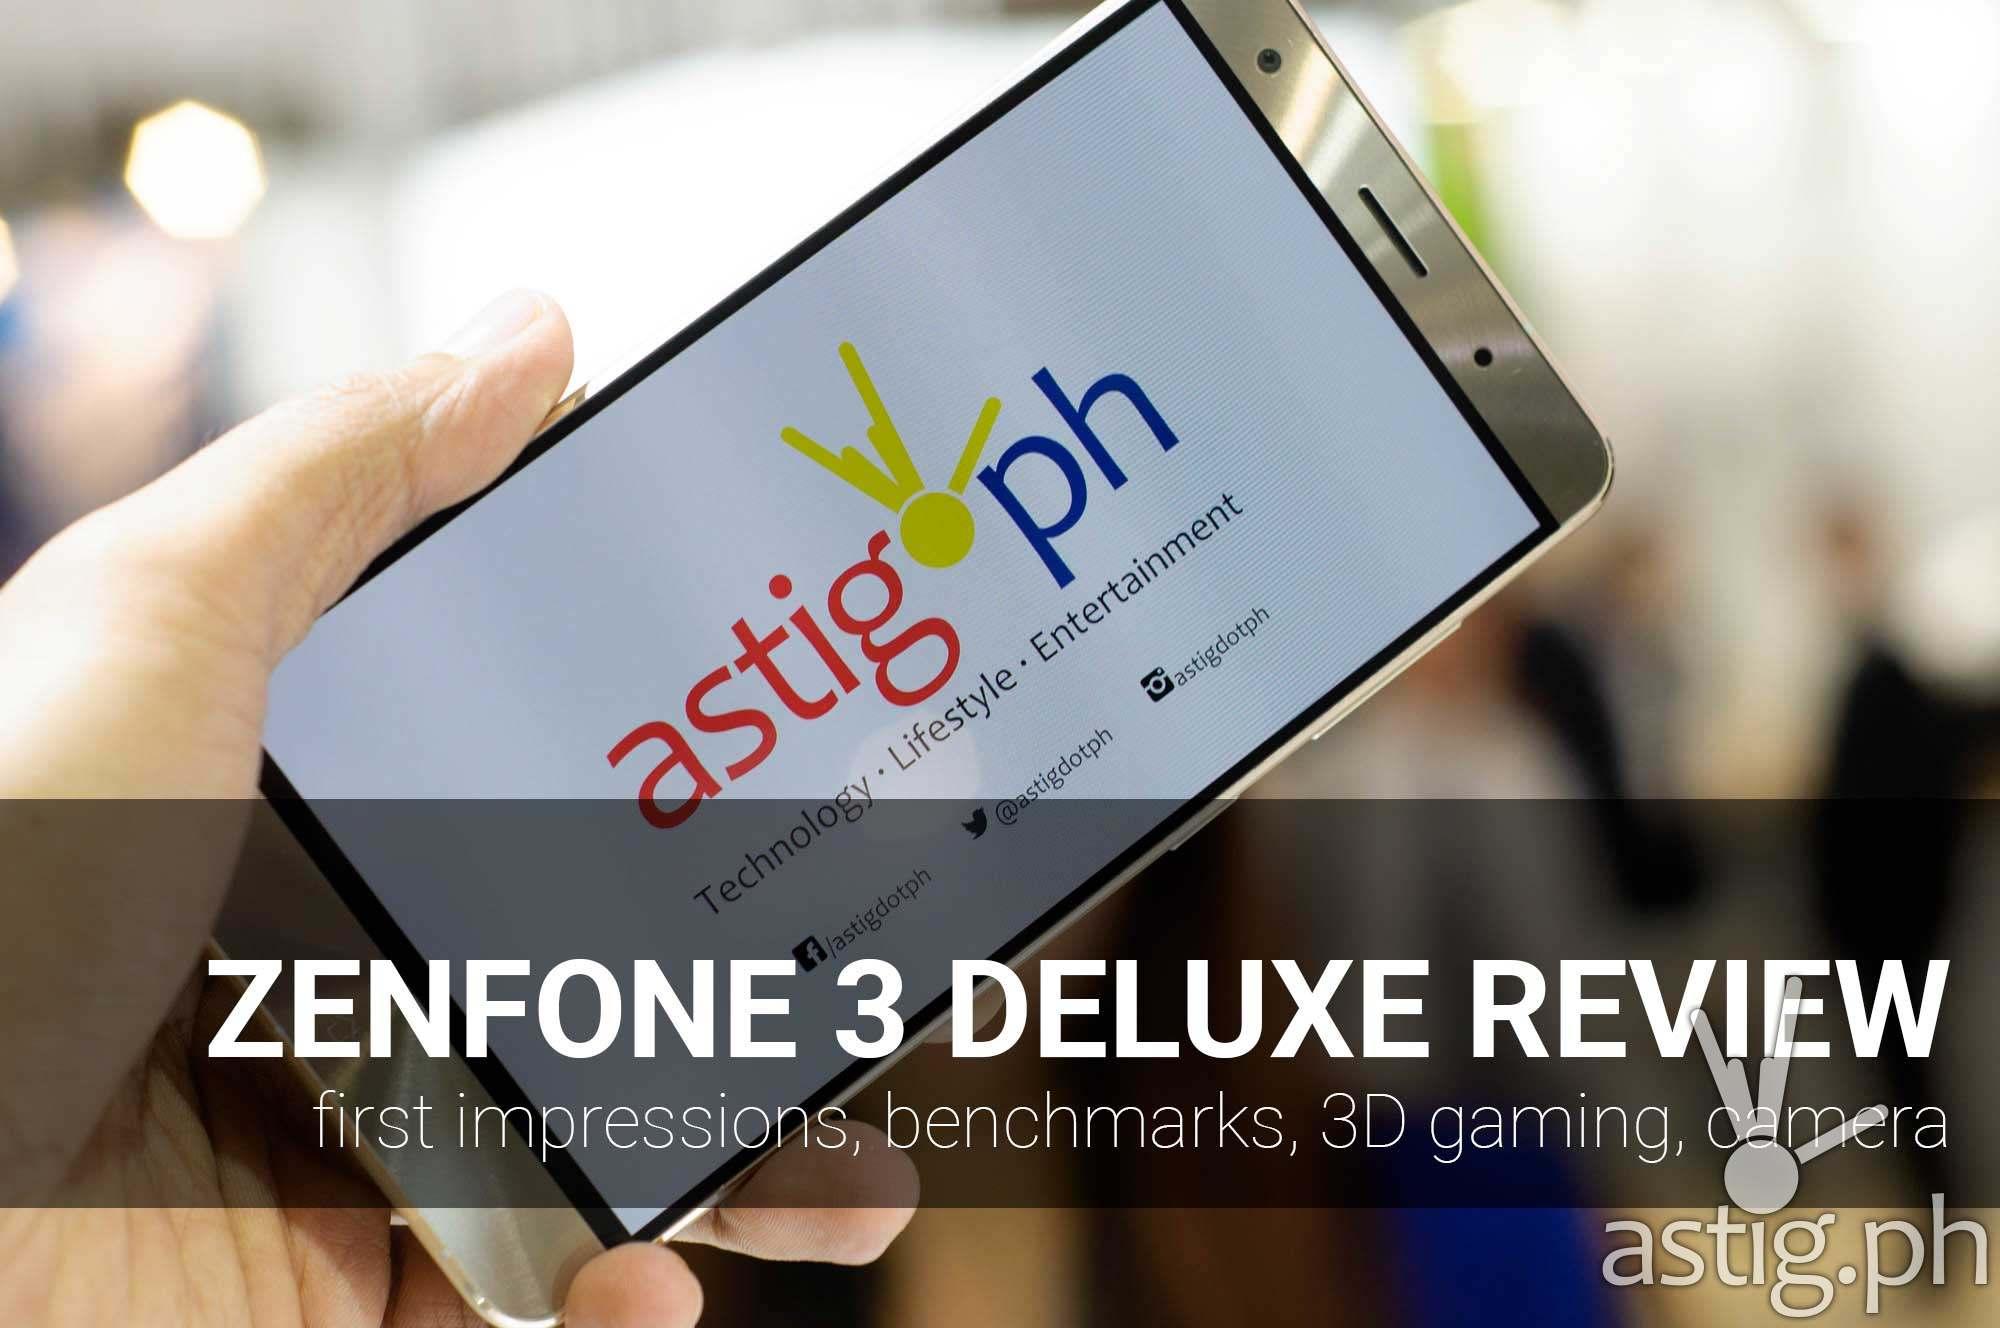 asus zenfone 3 deluxe review